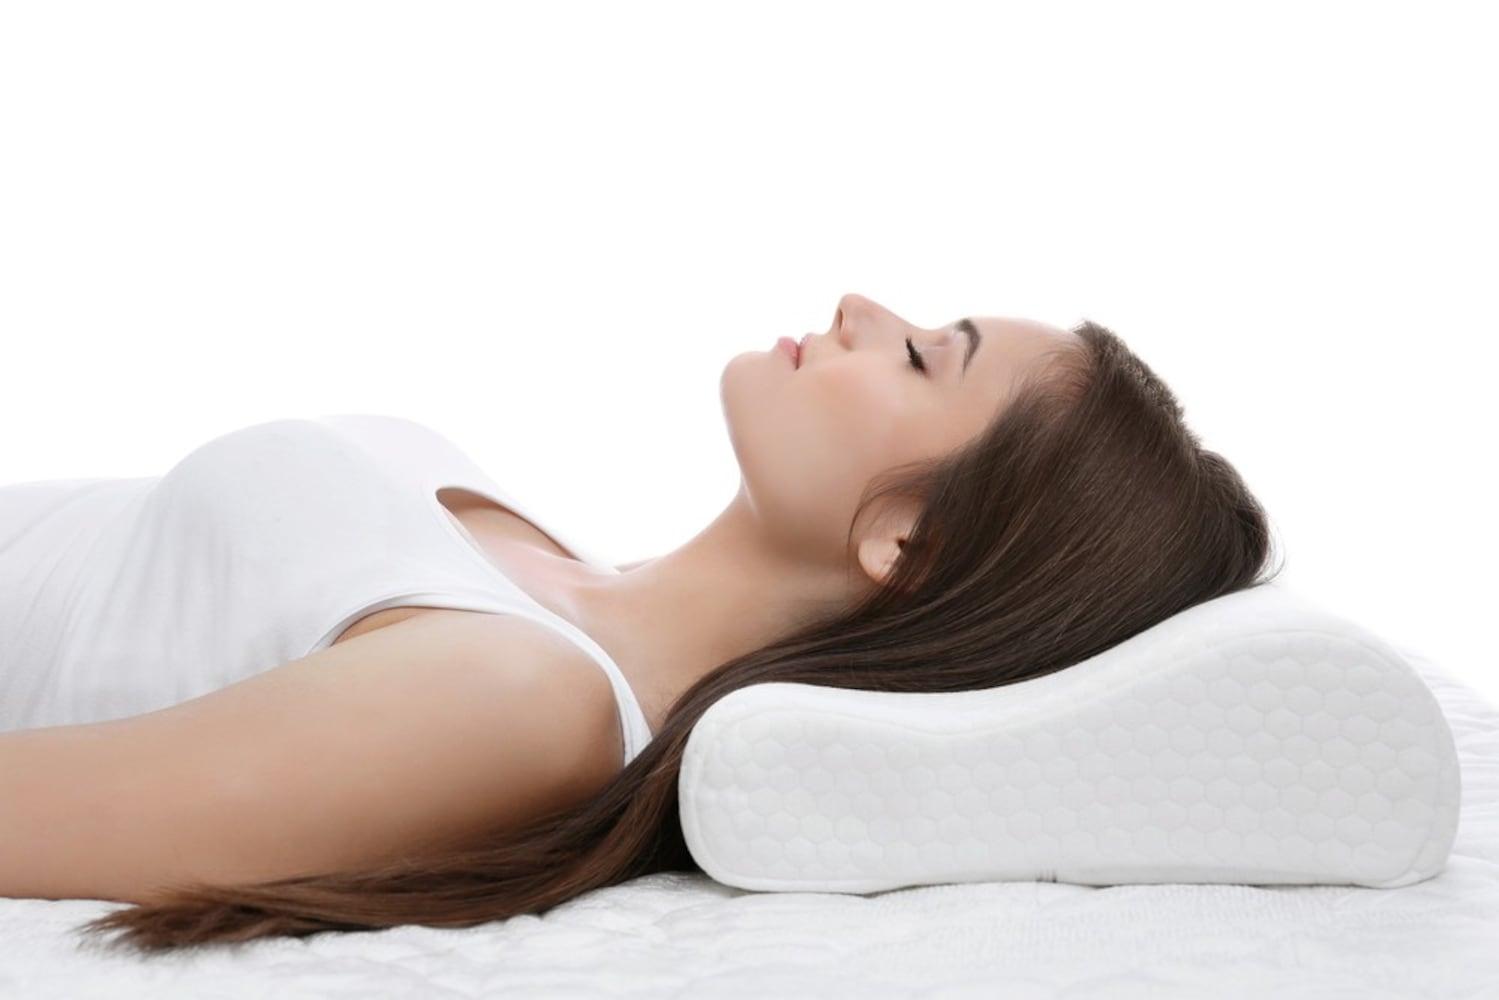 様々な寝心地を楽しめる「標準・長方形型」、首にフィットする「首元安定型」